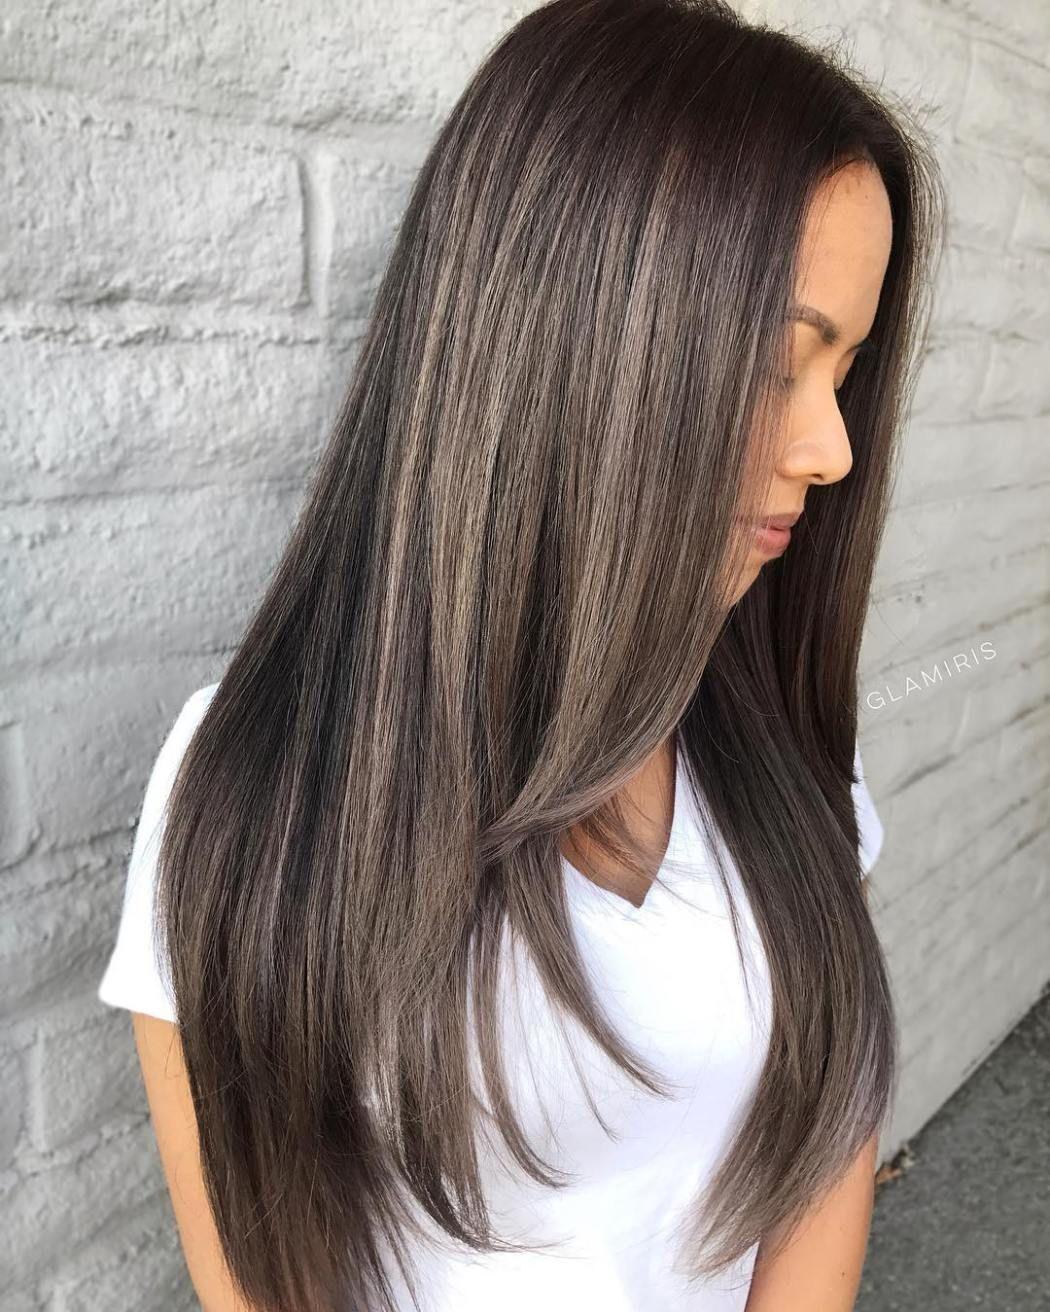 Mushroom Brown Hair A Hot New Trend You Ll Fall In Love With Haircuts Straight Hair Mushroom Hair Haircuts For Long Hair